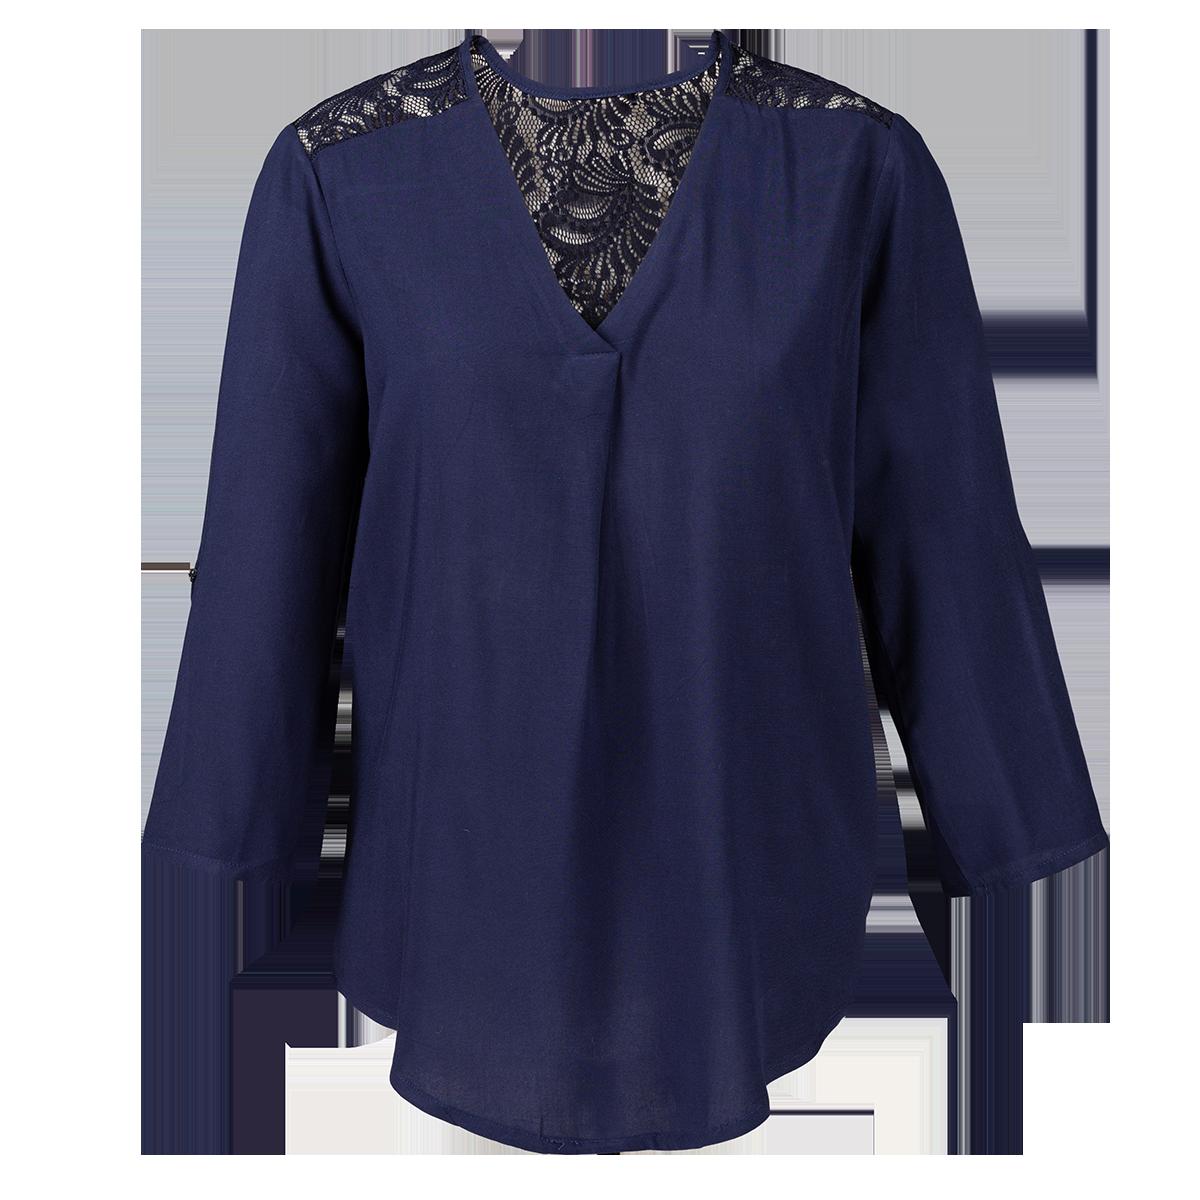 Ženska bluza, temno modra